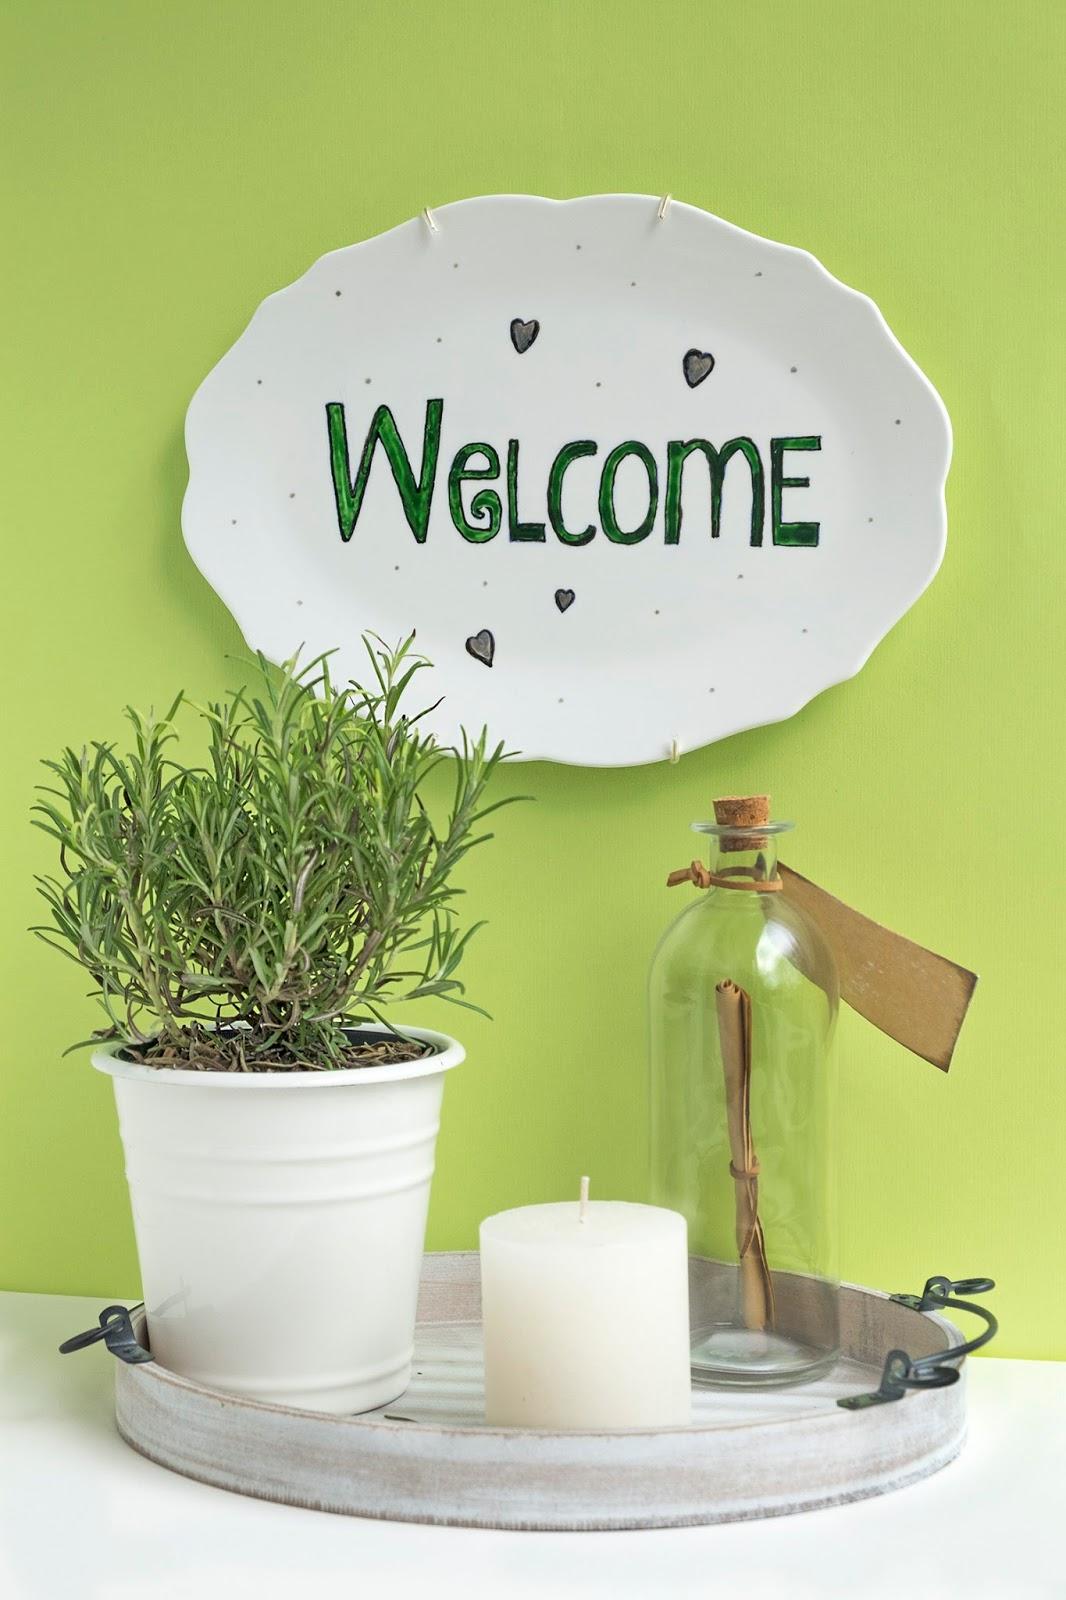 diy welcome op porselein schilderen uitleg